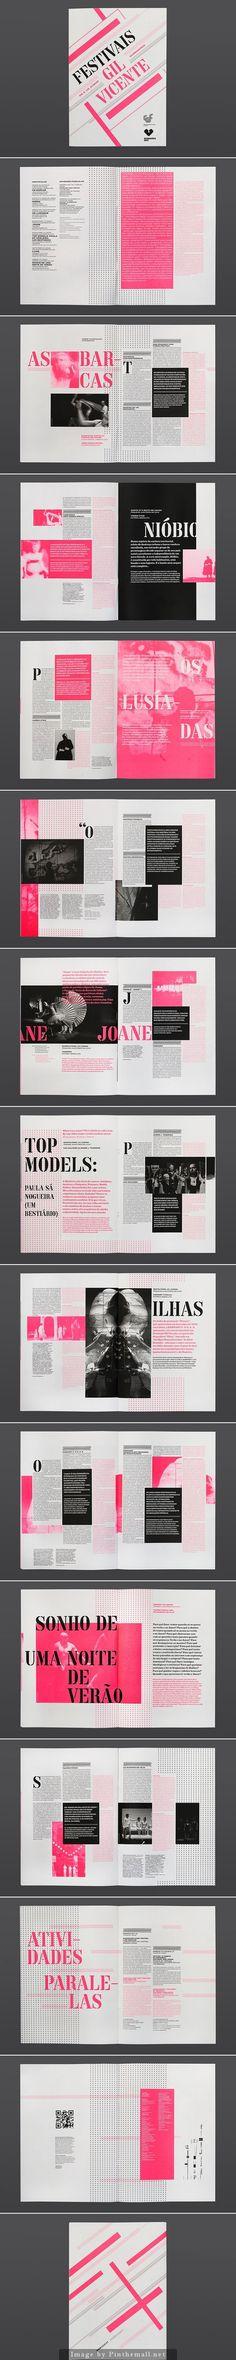 Ênfase pela cor, diversas partes, incluindo caixa, título, texto, subtítulo, destacadas pela cor rosa. Também há ênfase pelo tamanho em elementos como título e subtítulo.: